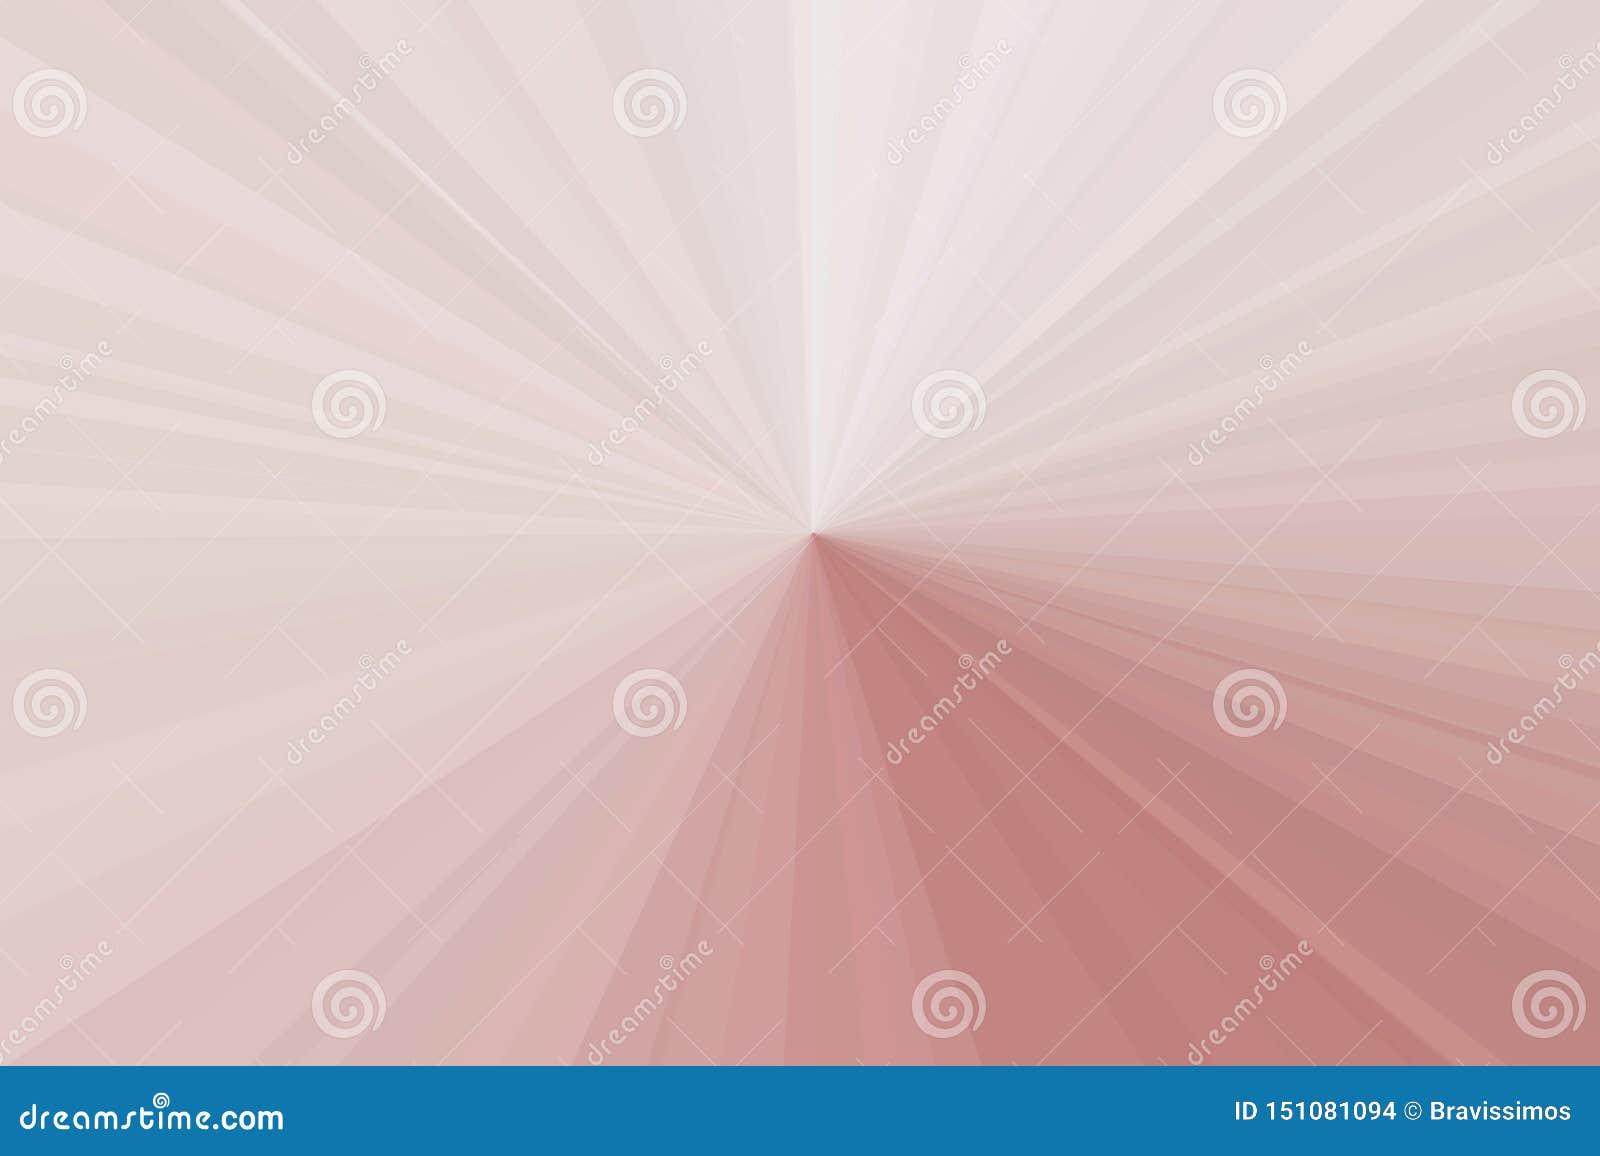 Hintergrundsteigungszusammenfassungs-Entwurfshintergrund graphik